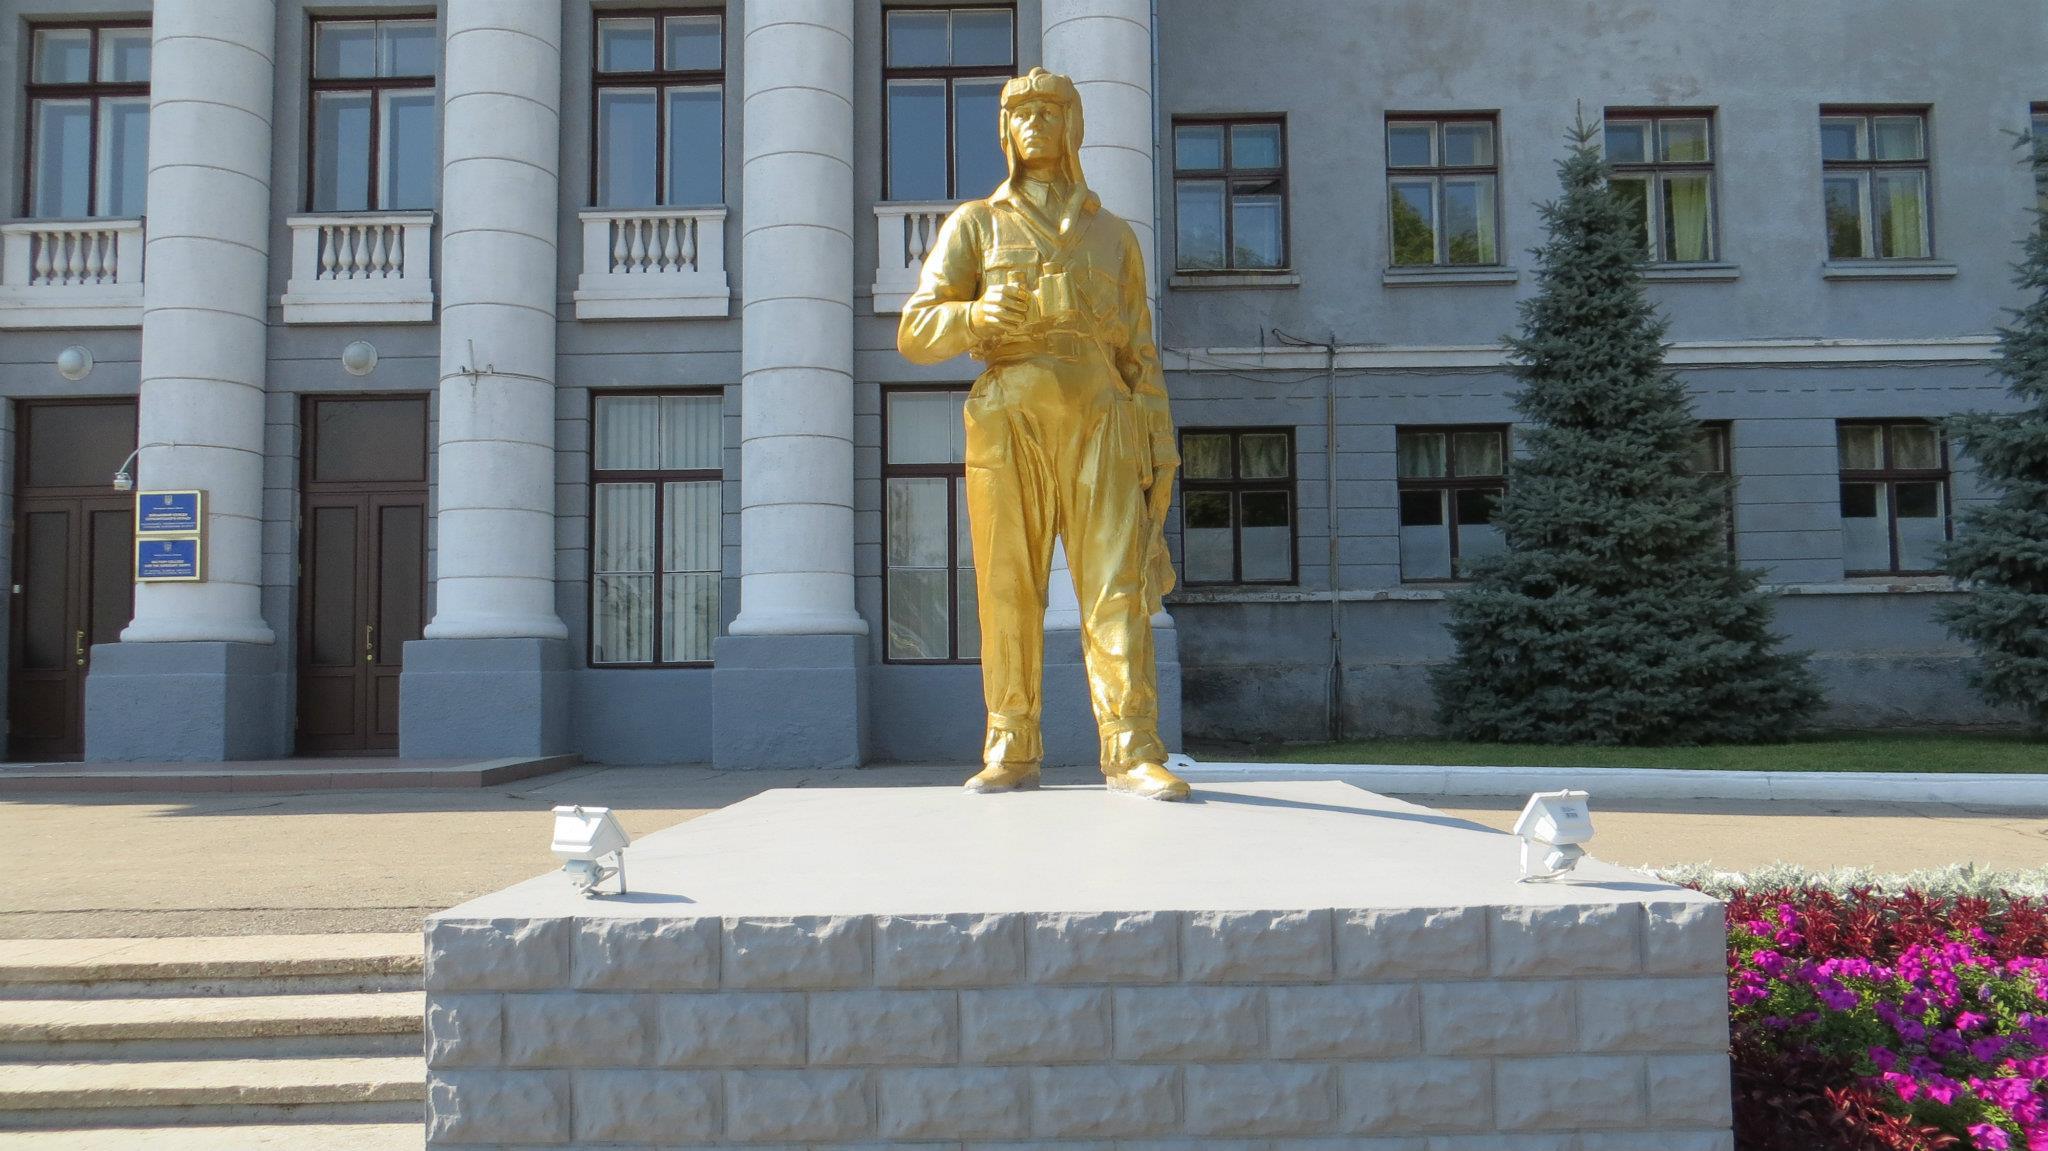 На базе факультета Харьковского политеха может быть создан институт подготовки офицеров танковых подразделений, - Полторак - Цензор.НЕТ 2768